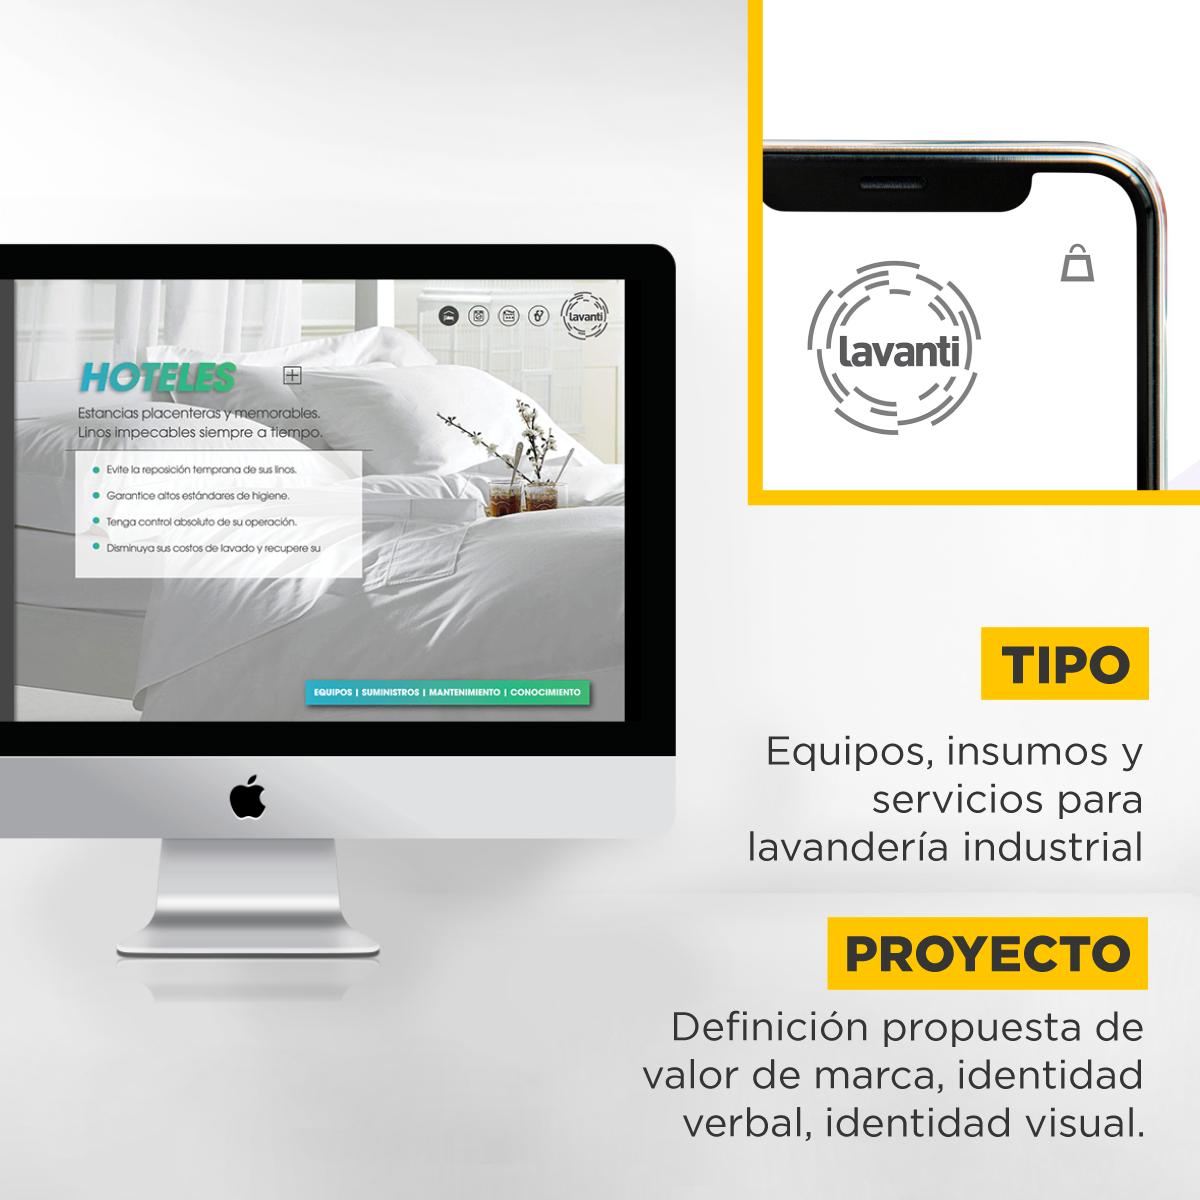 imagen+servicios3.png